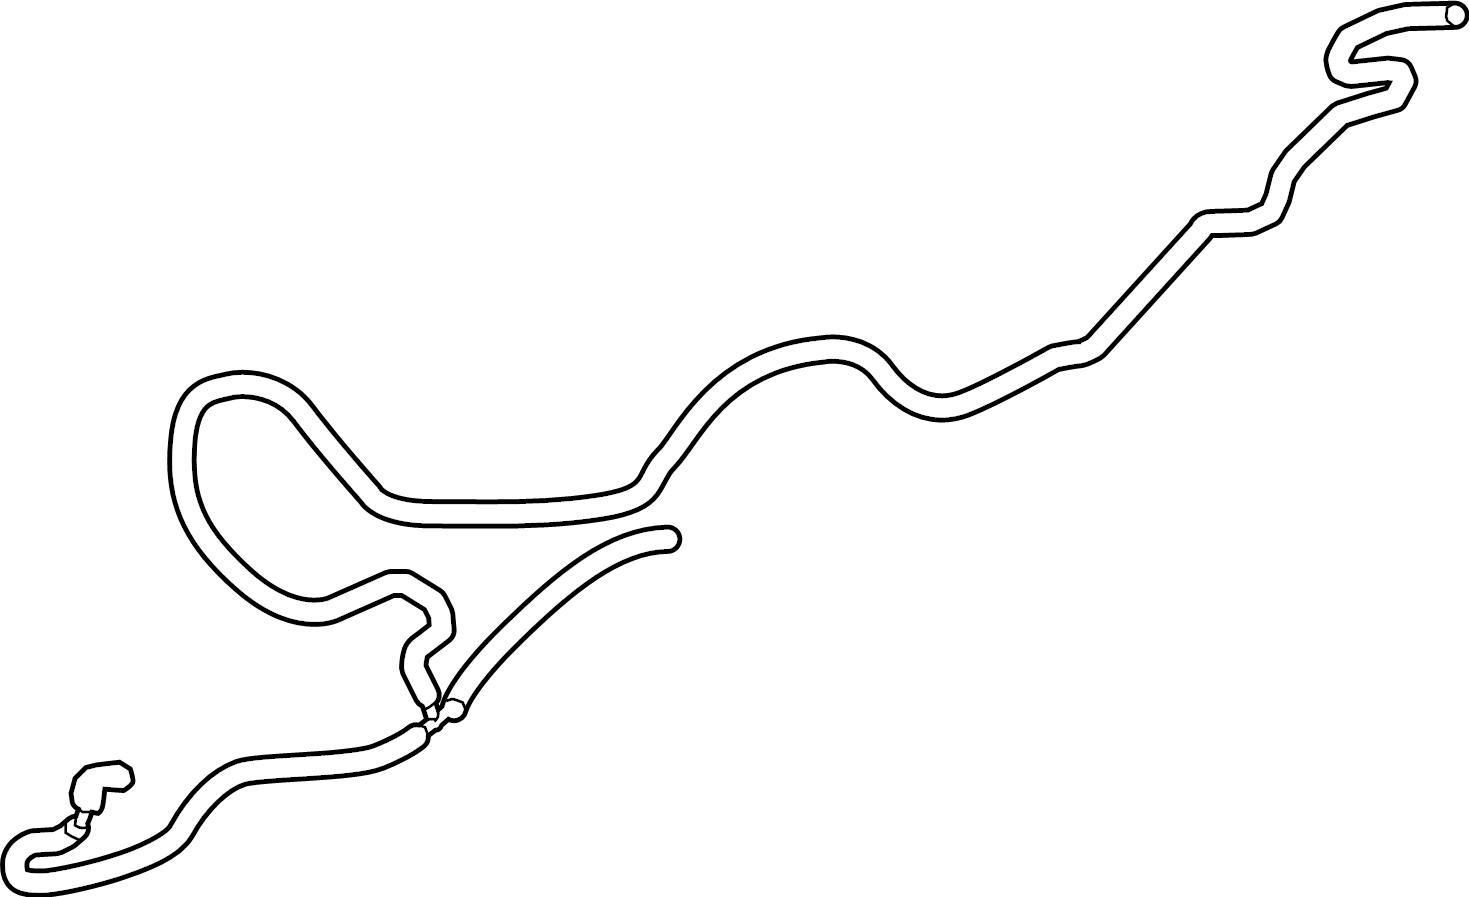 Hc3z15k868b